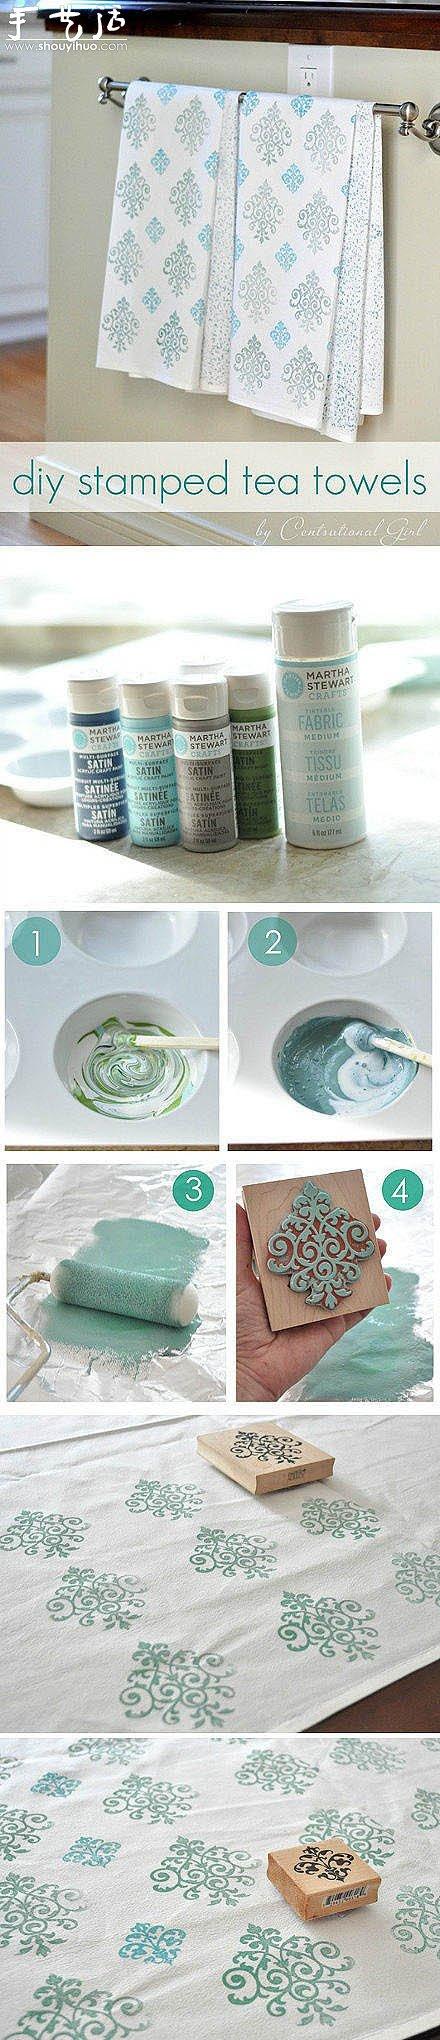 手工布匹印花的方法教程